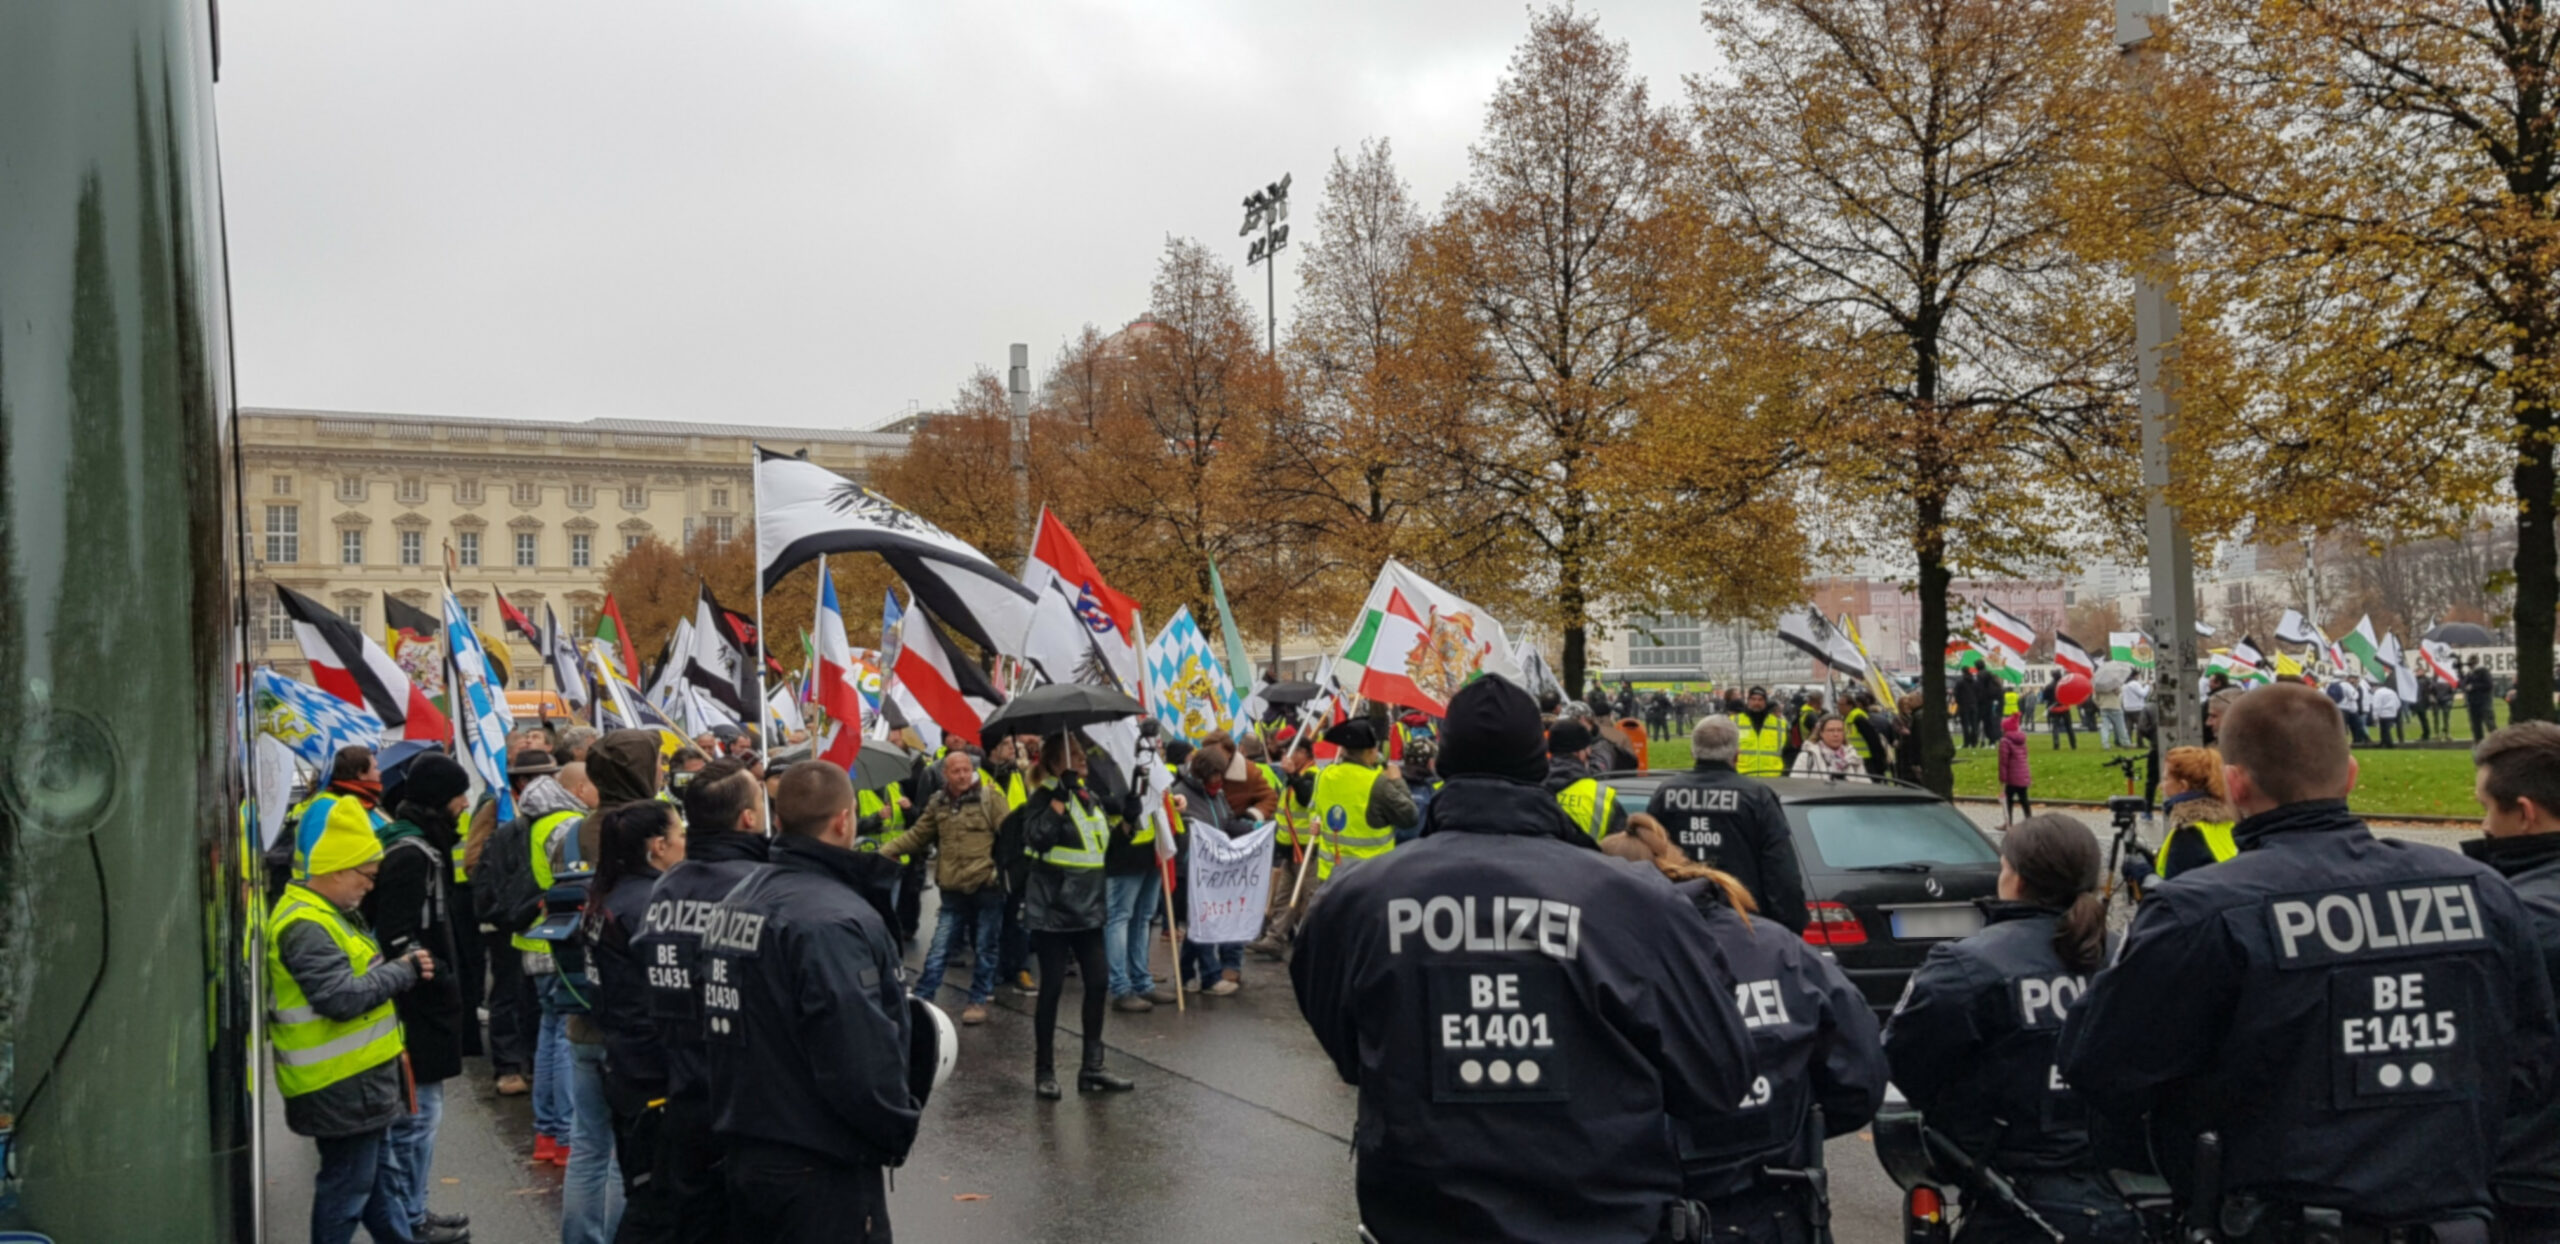 Geplante Versammlungen von Reichsbürgern und anderen rechtsextremen Gruppierungen am 20. März in der Berliner Innenstadt